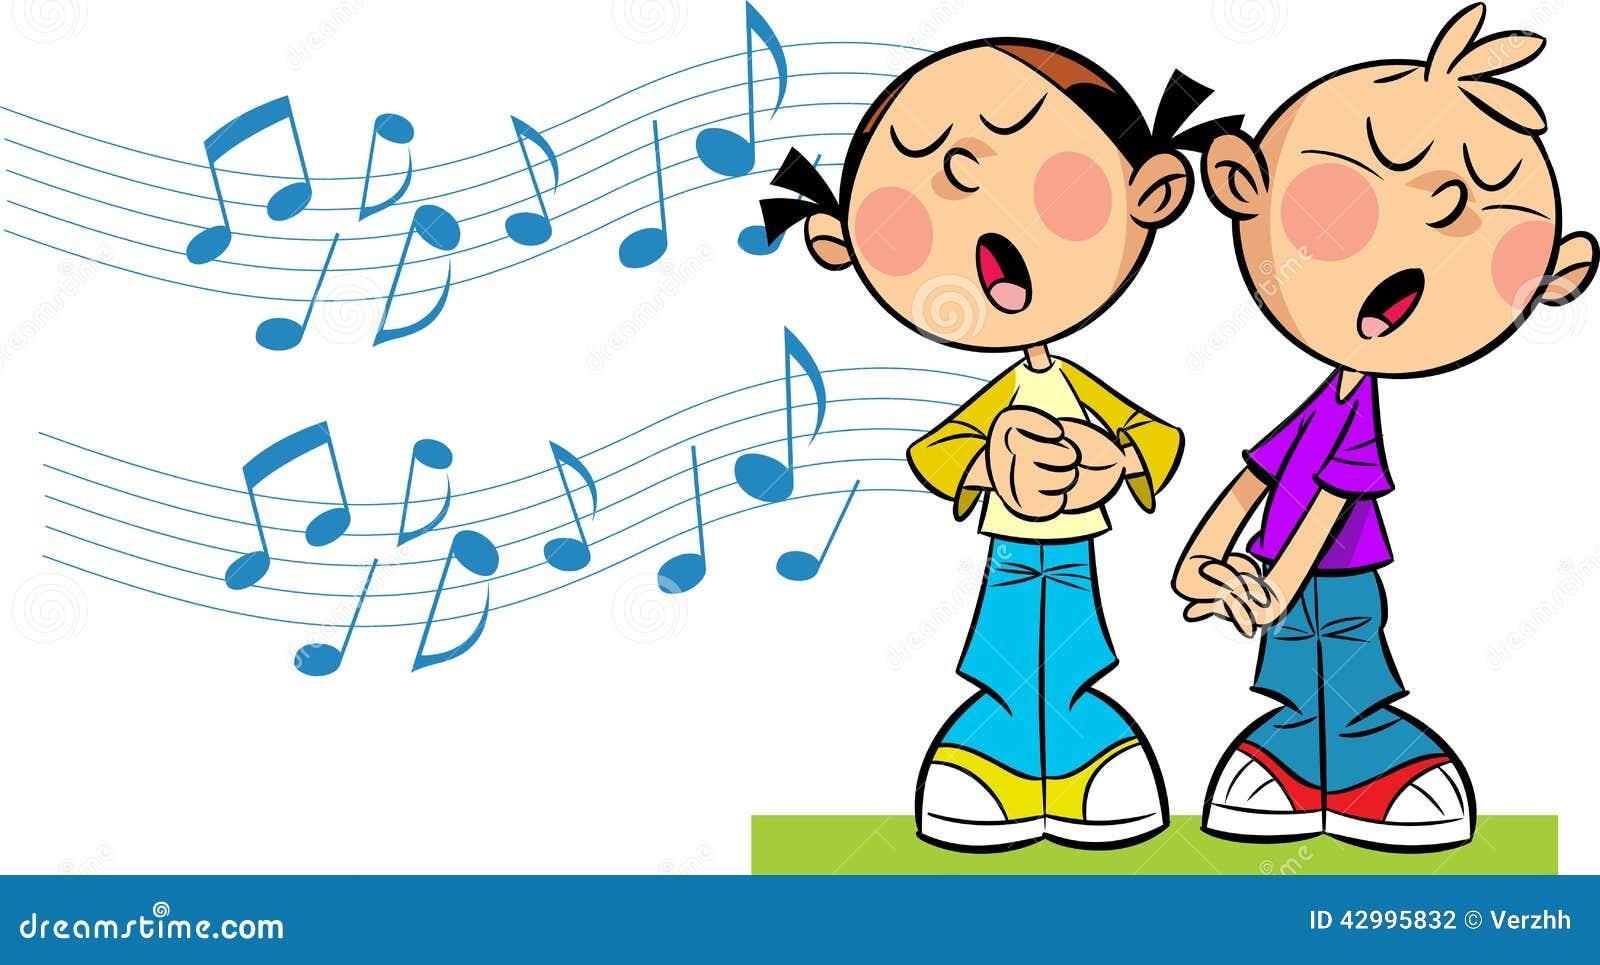 Картинки детей поющих рисованные